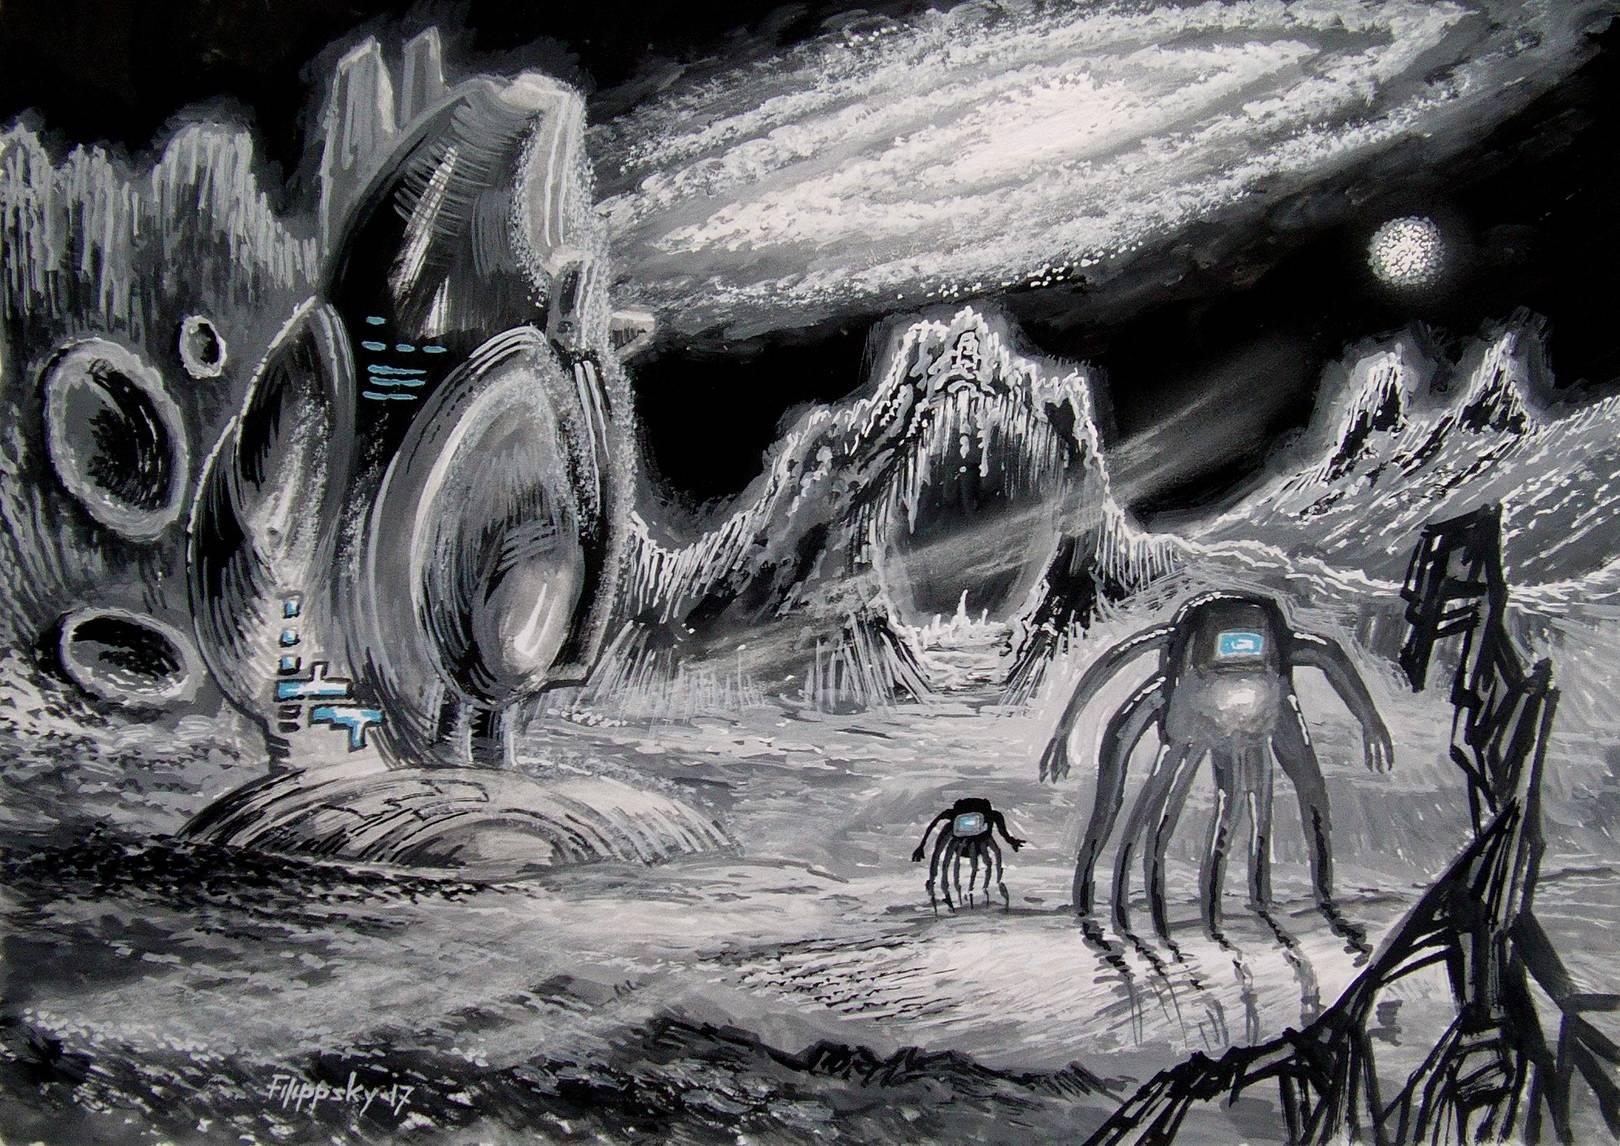 Пейзаж с галактикой и кораблём инопланетян.